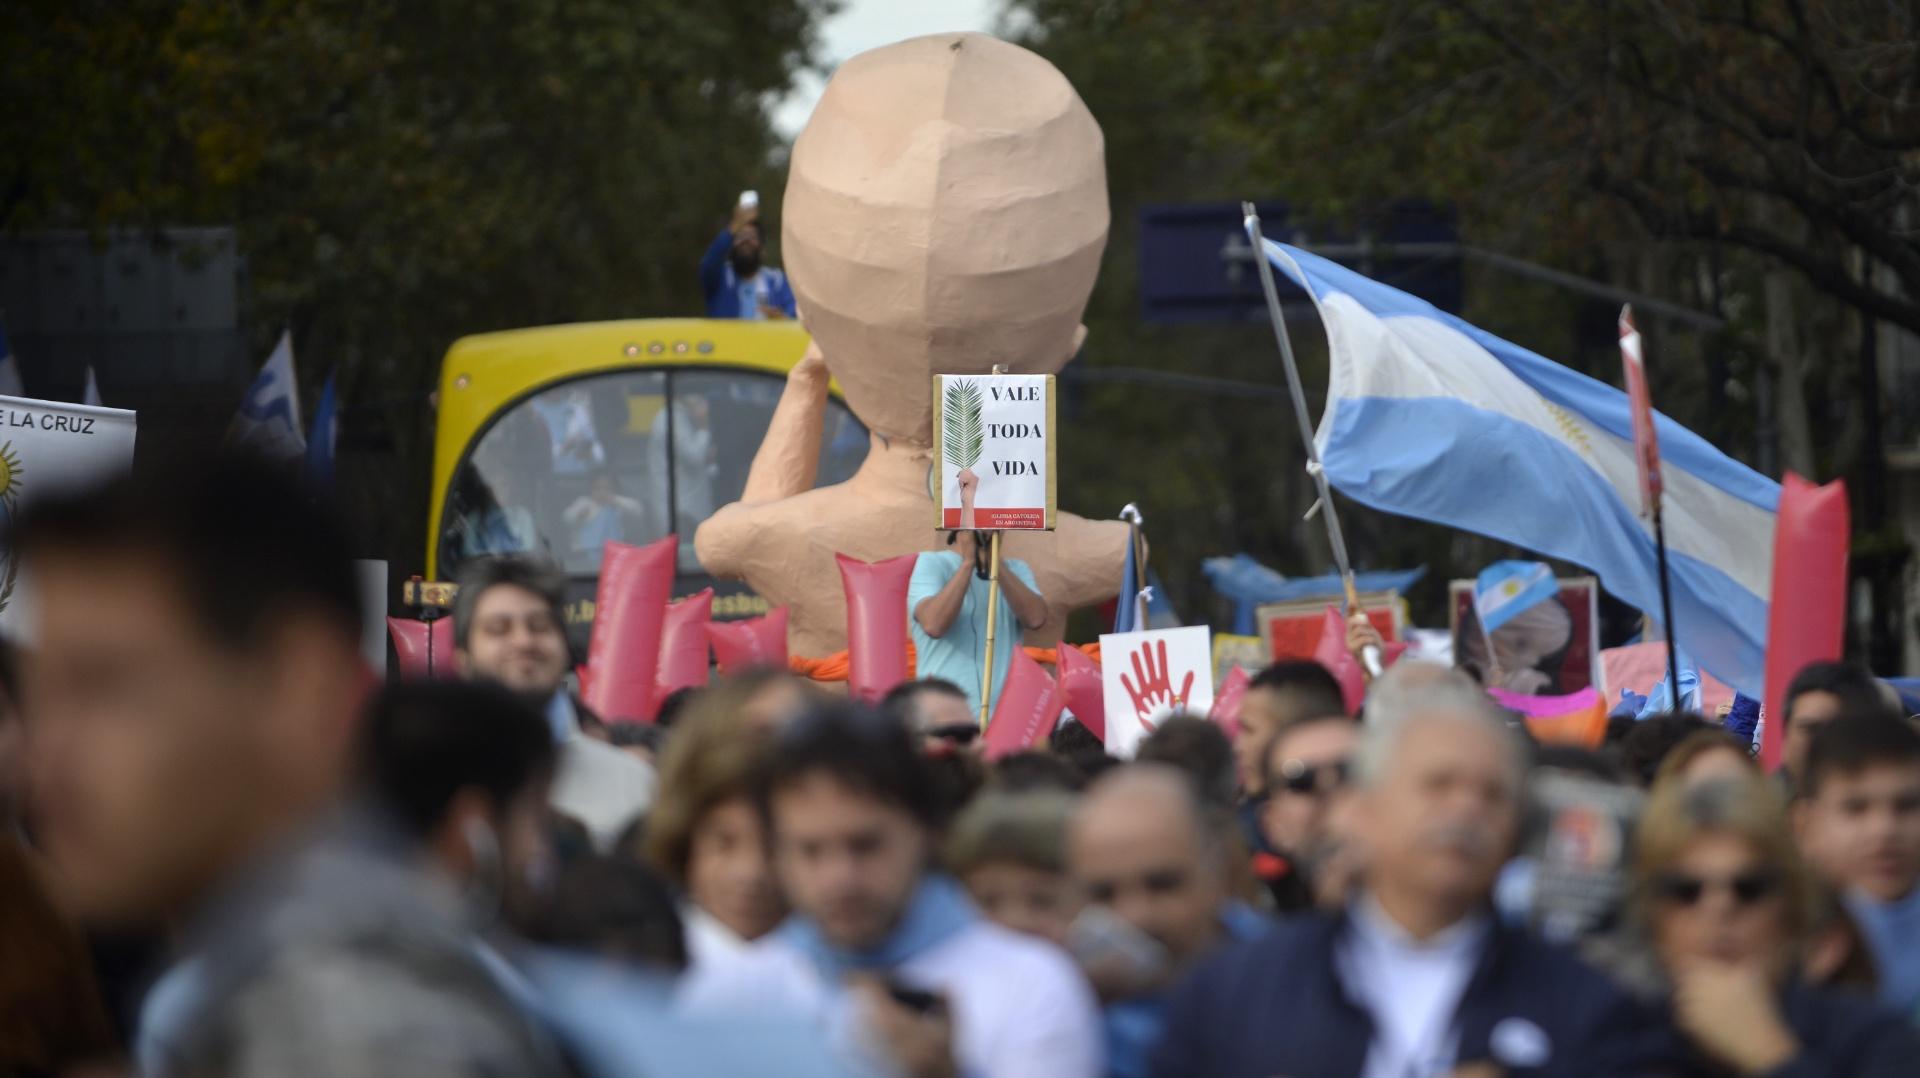 El bebé gigante volvió a formar parte de la manifestación, al igual que en la marcha del 25 de marzo